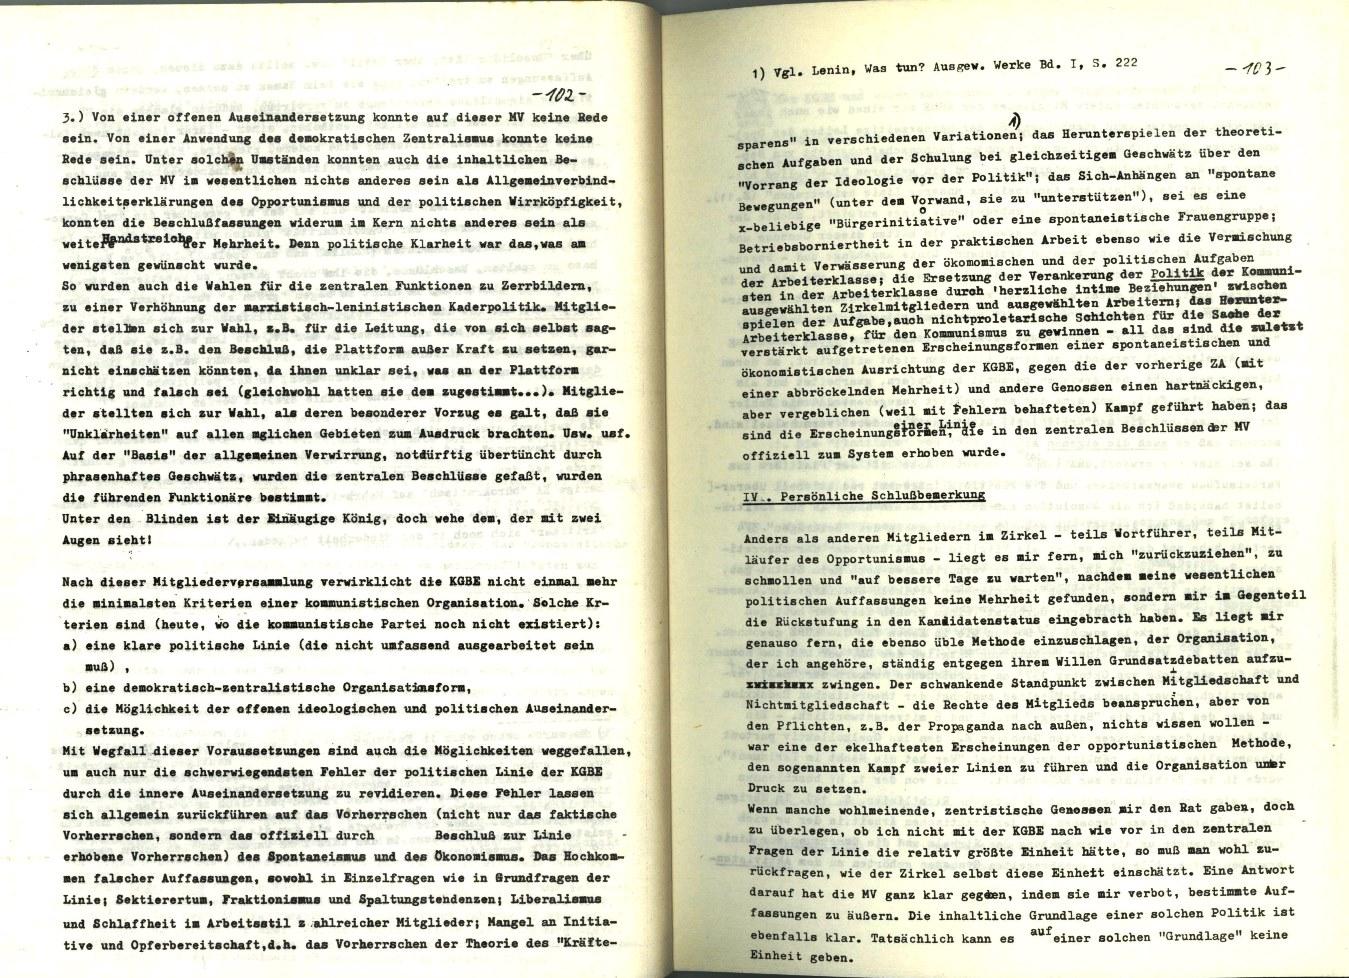 KGBE_Ehemalige_1977_Kritik_an_der_KGBE_55